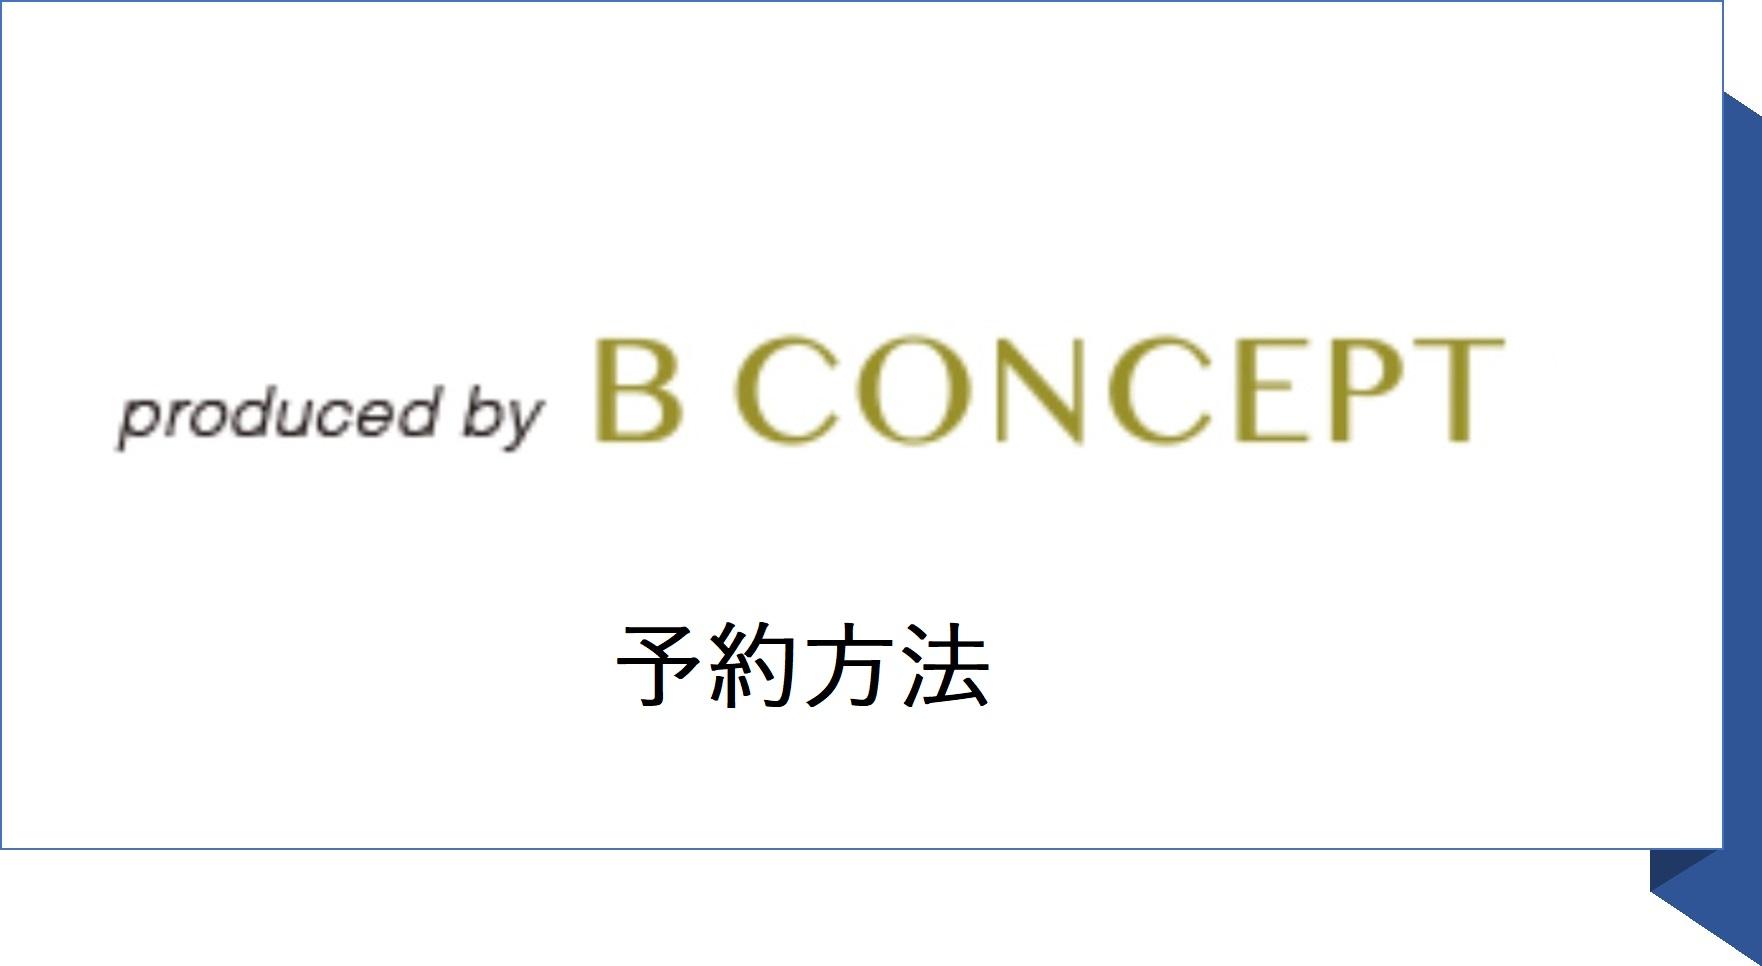 ビーコンセプト(予約方法)